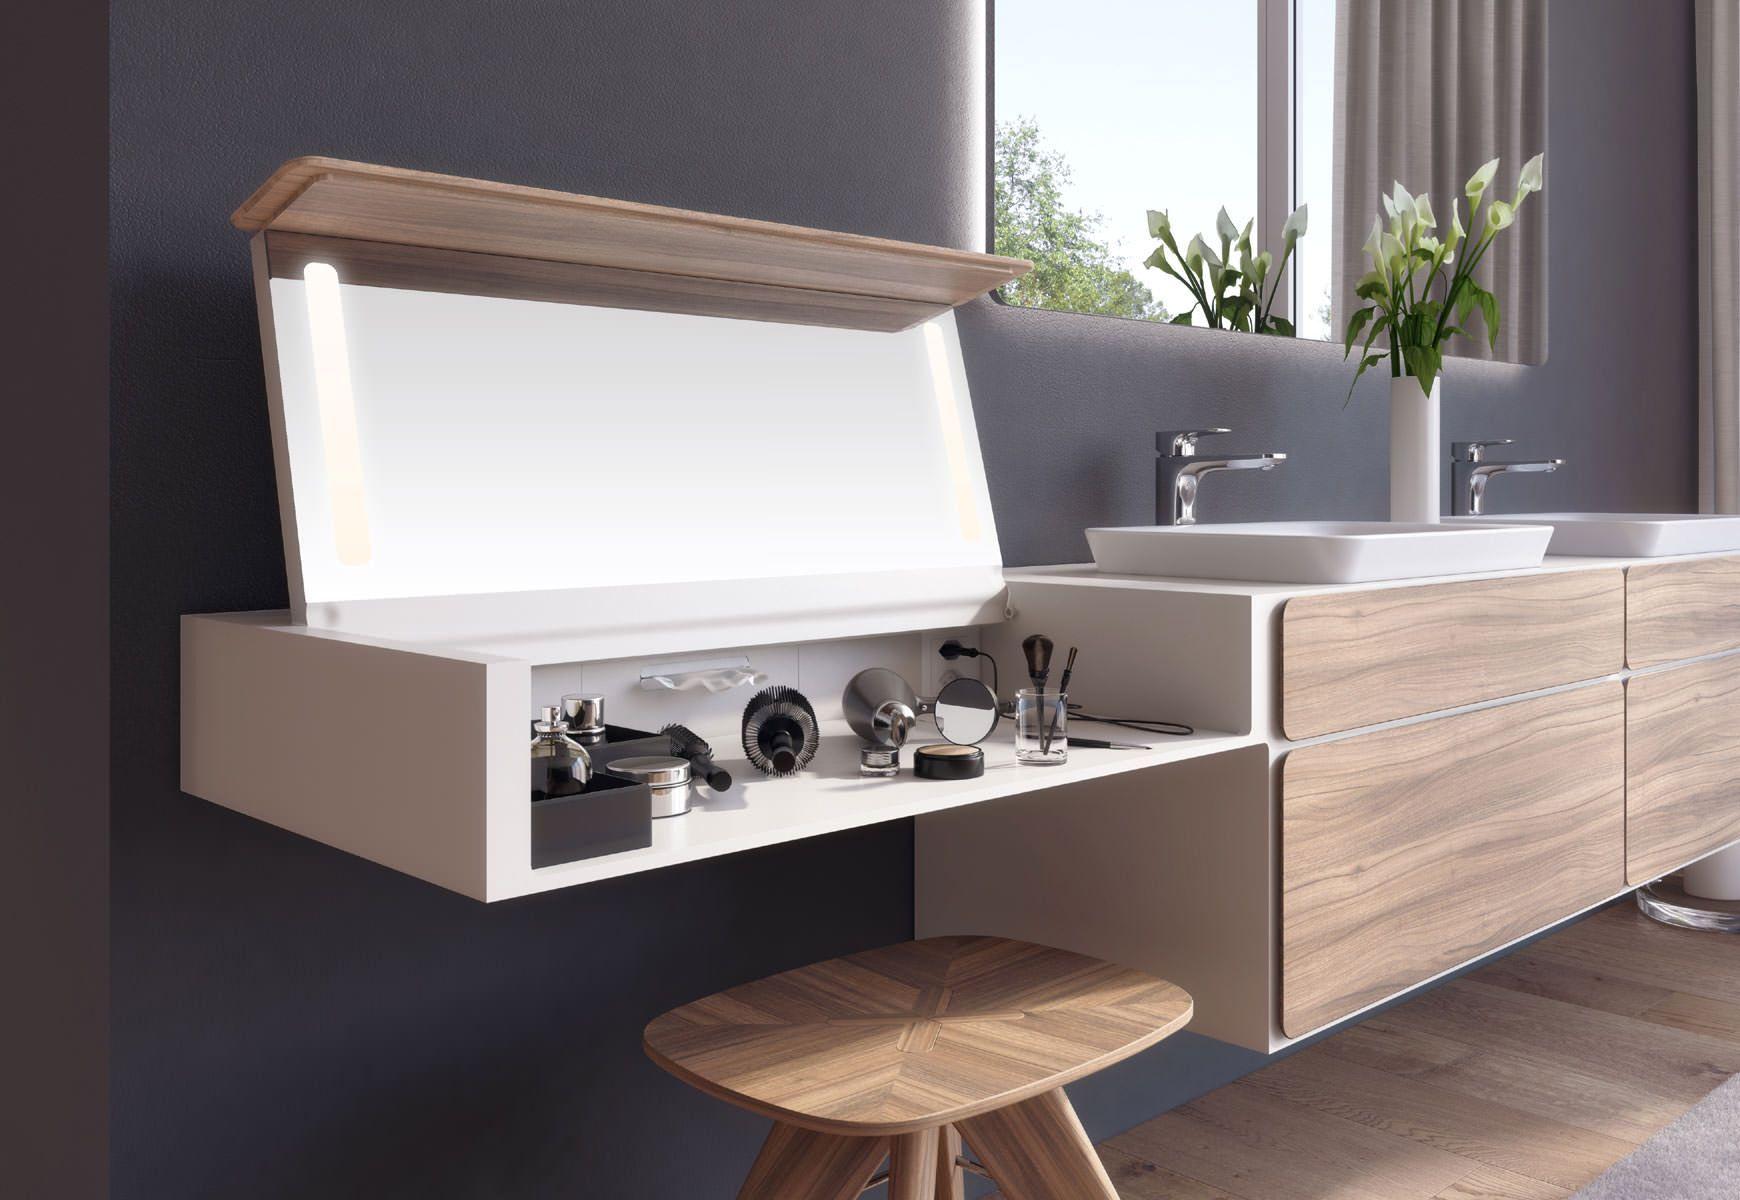 Schminktisch Neben Dem Waschtisch In 2020 Badezimmer Innenausstattung Badezimmer Badezimmer Dekor